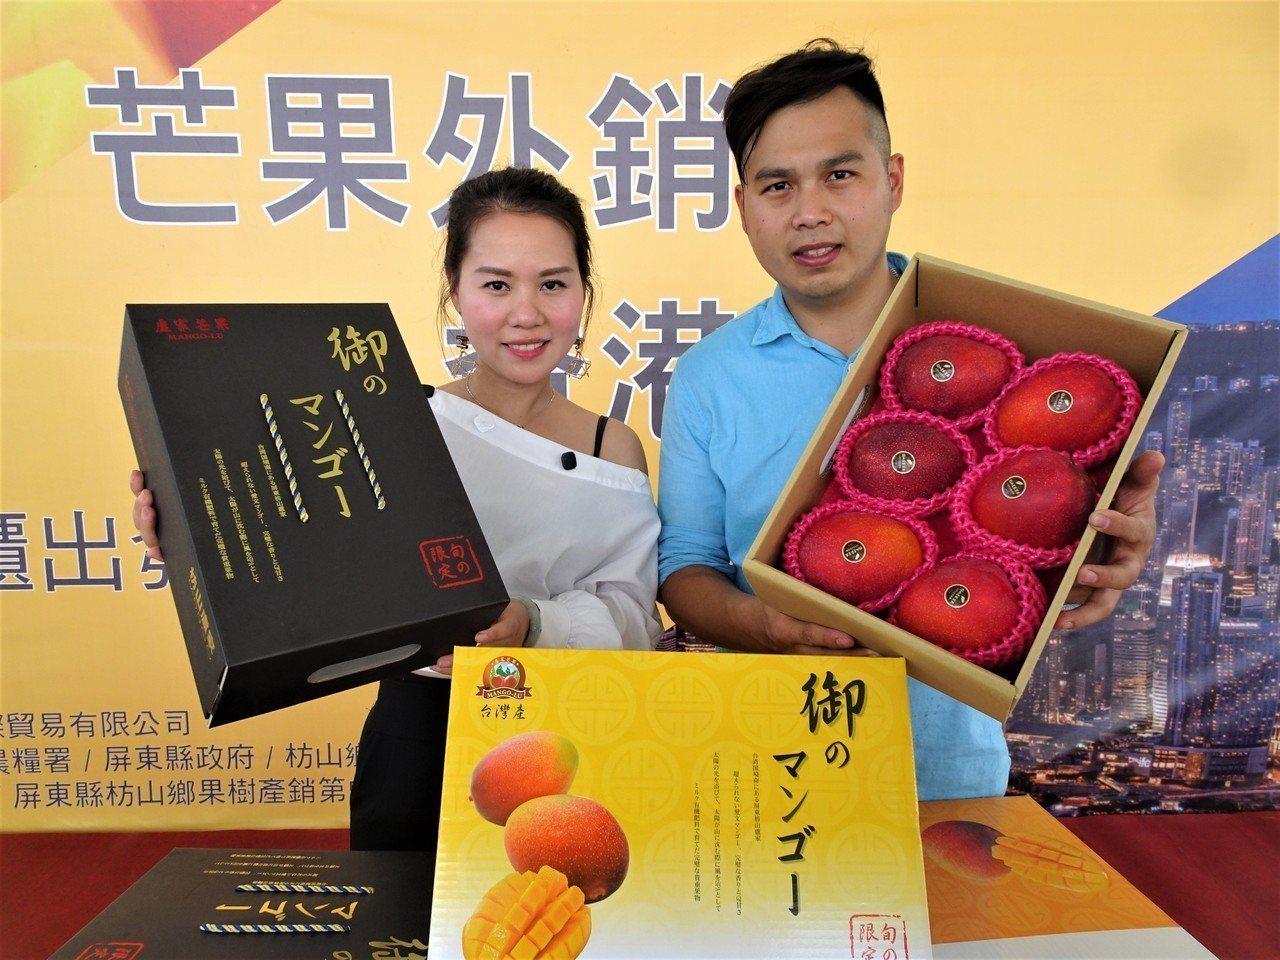 32歲的屏東縣枋山鄉果農盧旺昇(右),不斷創新技術栽植出自認「LV級」的頂級愛文...